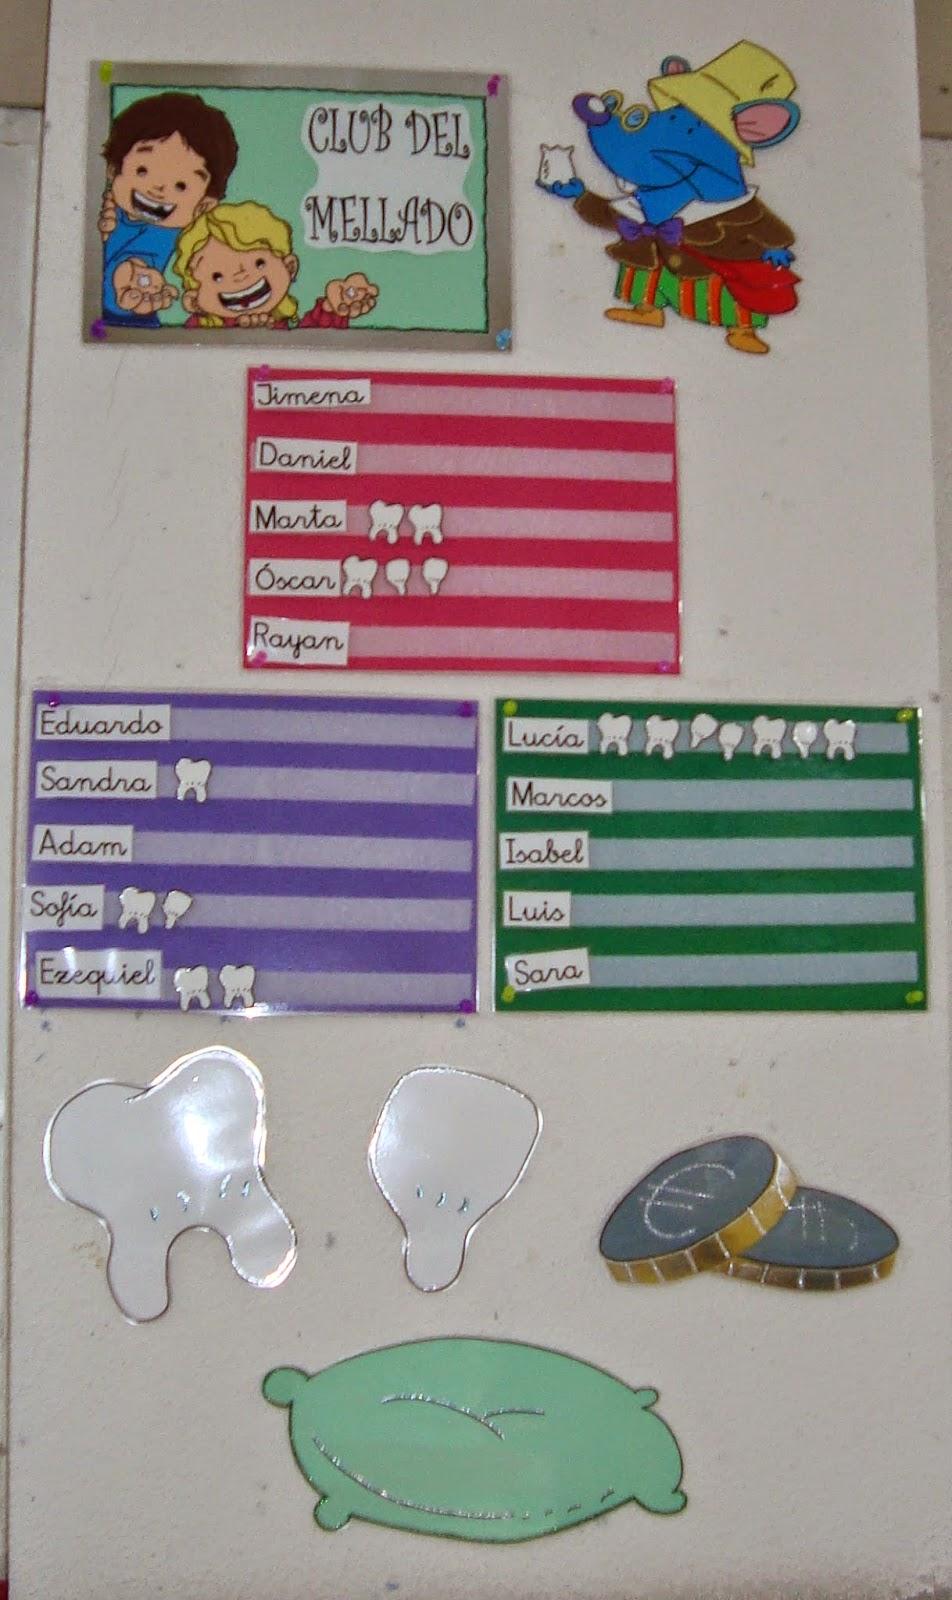 Plastificando ilusiones las decoraciones del aula for Decoracion aula primaria